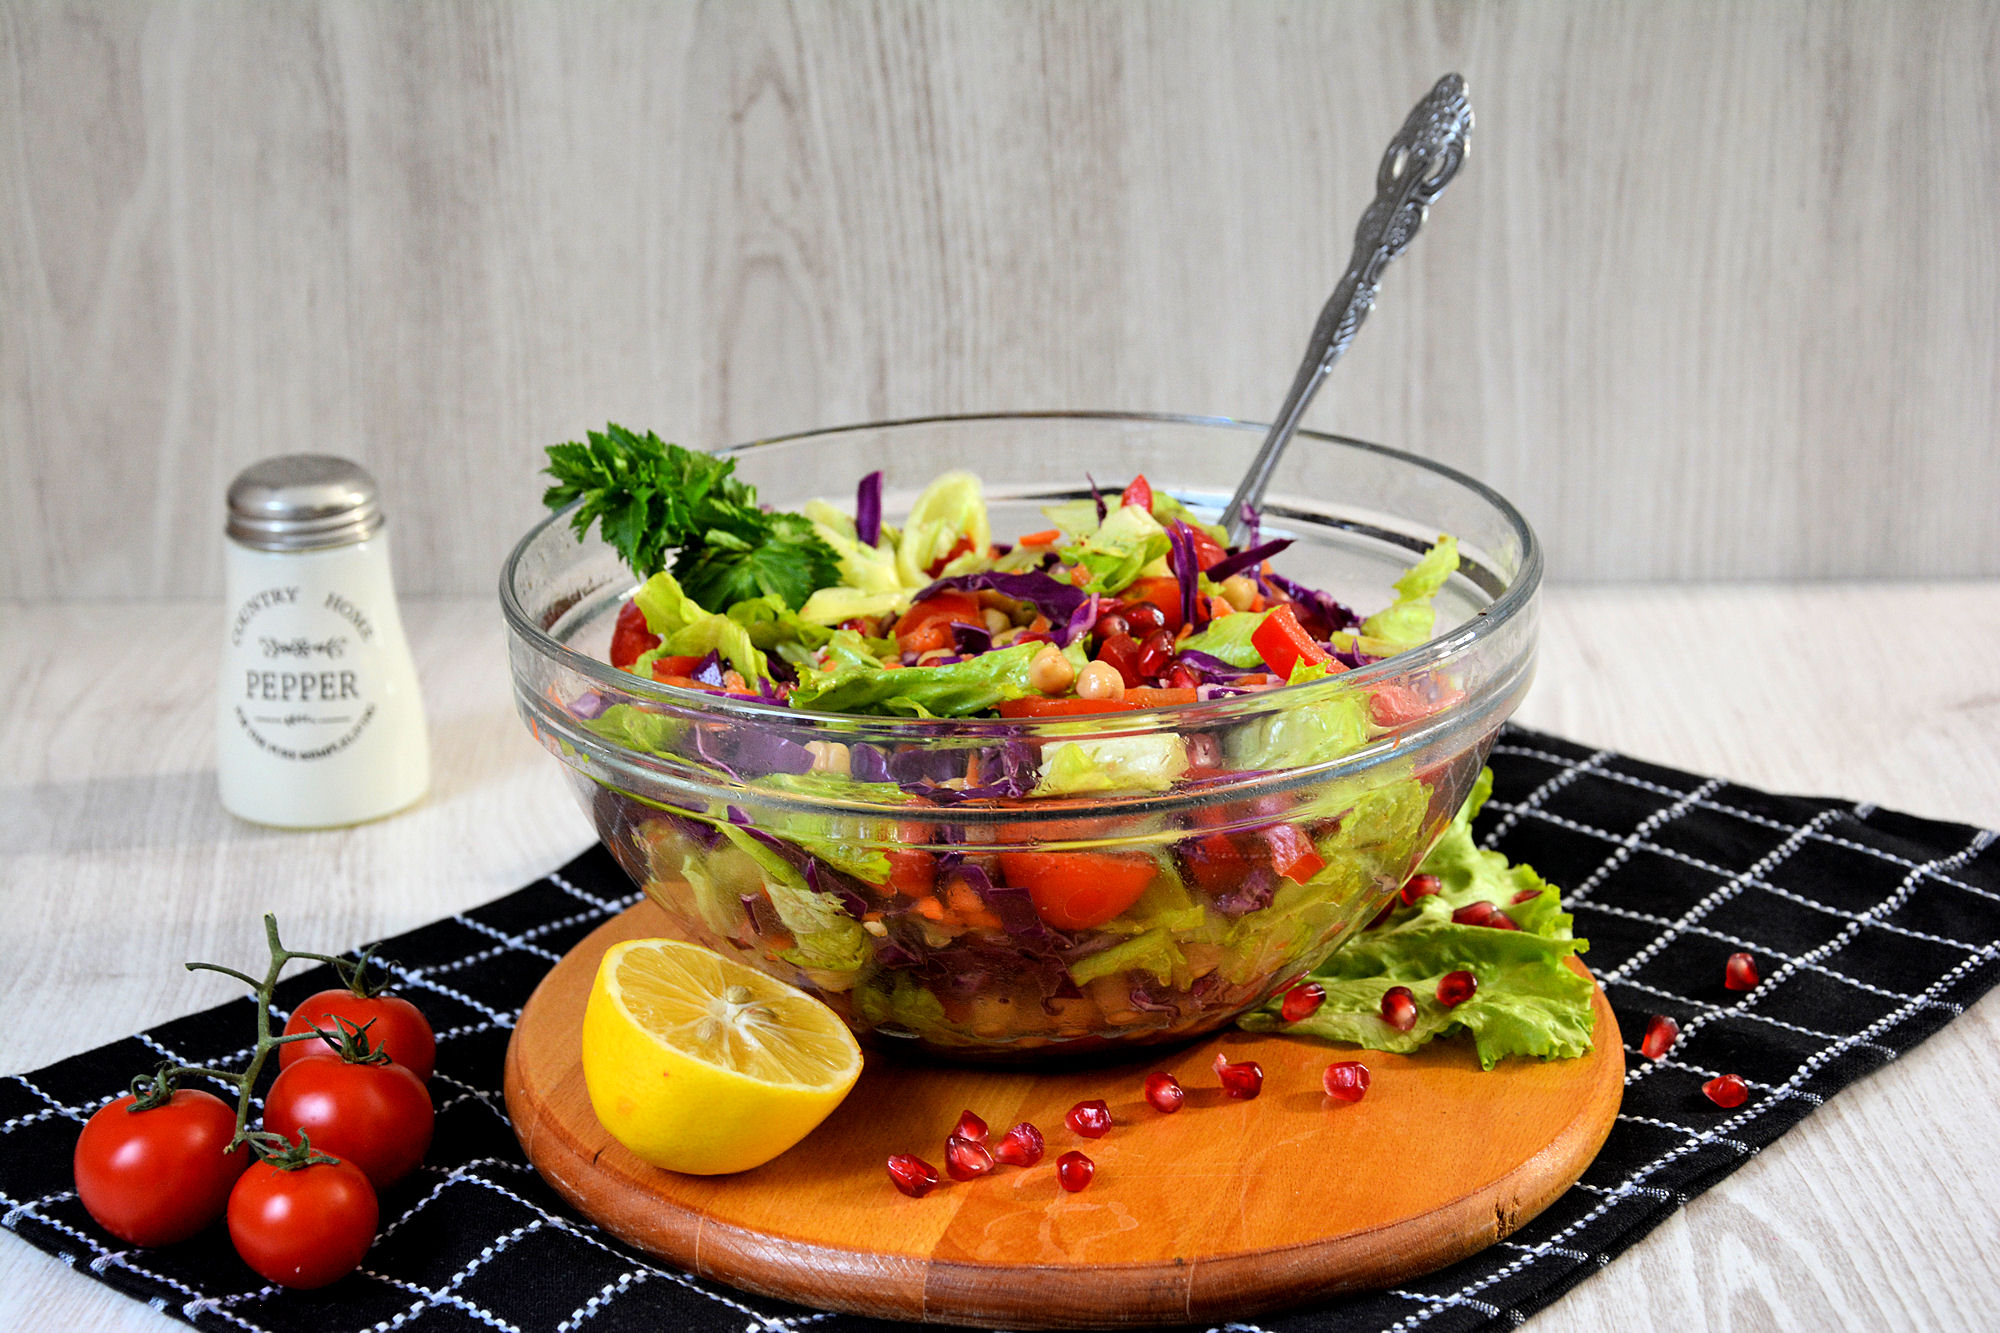 Salata od povrća i leblebije (video)